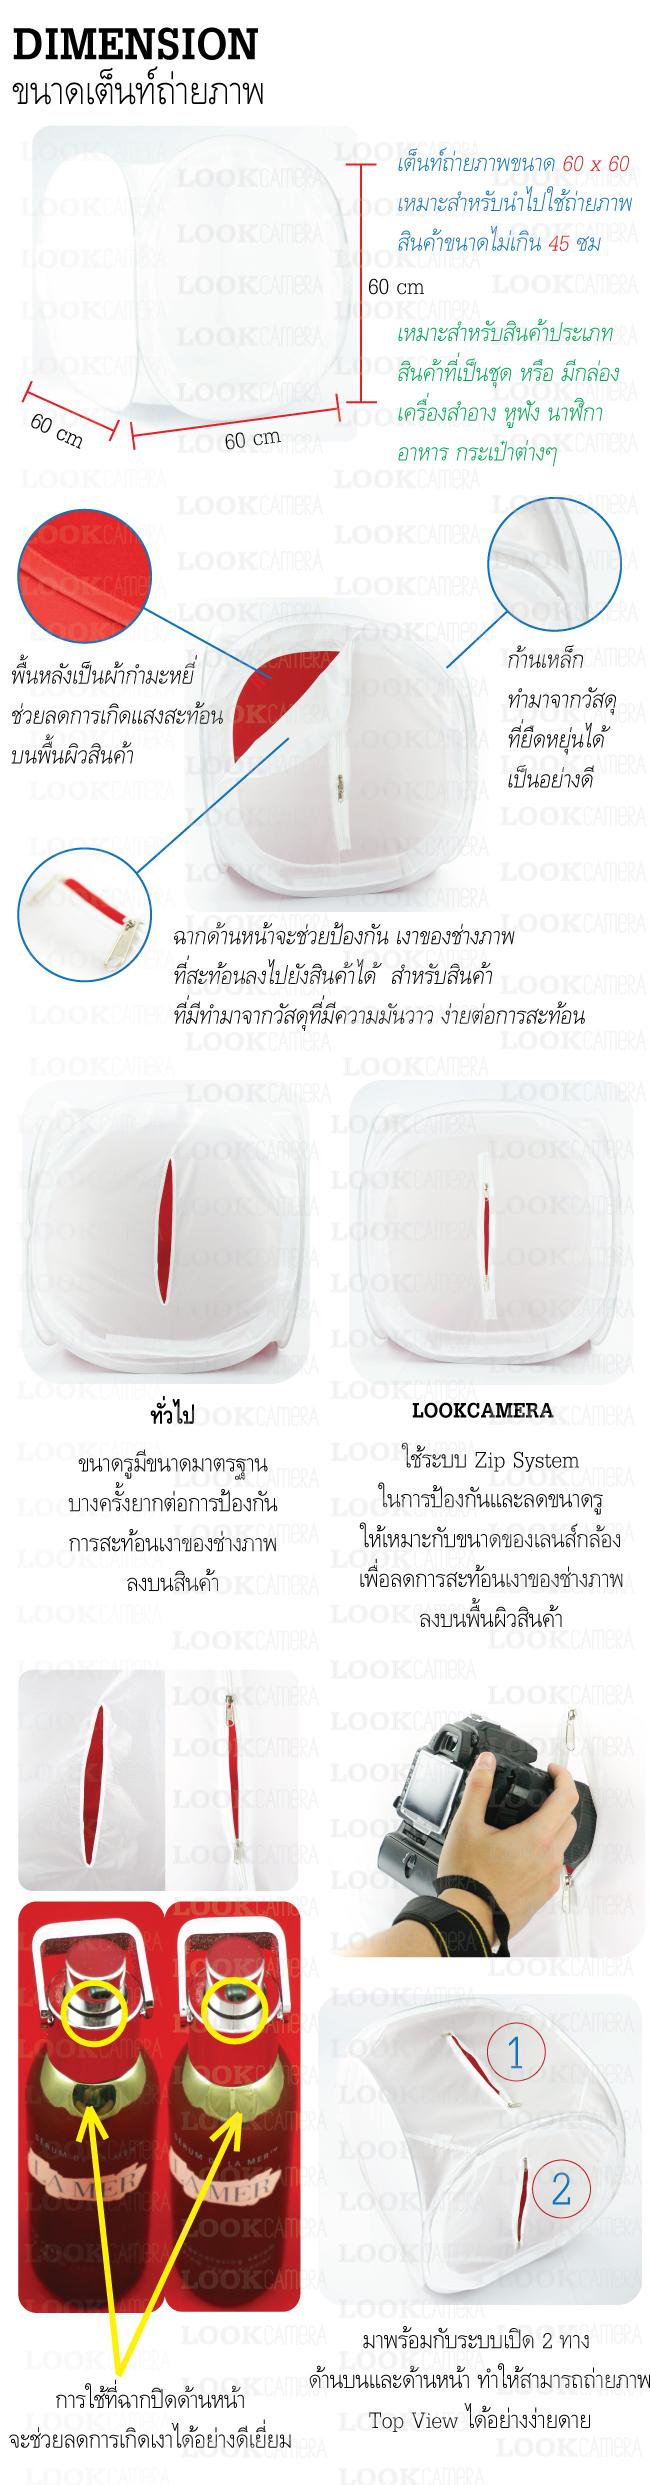 lookcamera studio tent 6060 p2